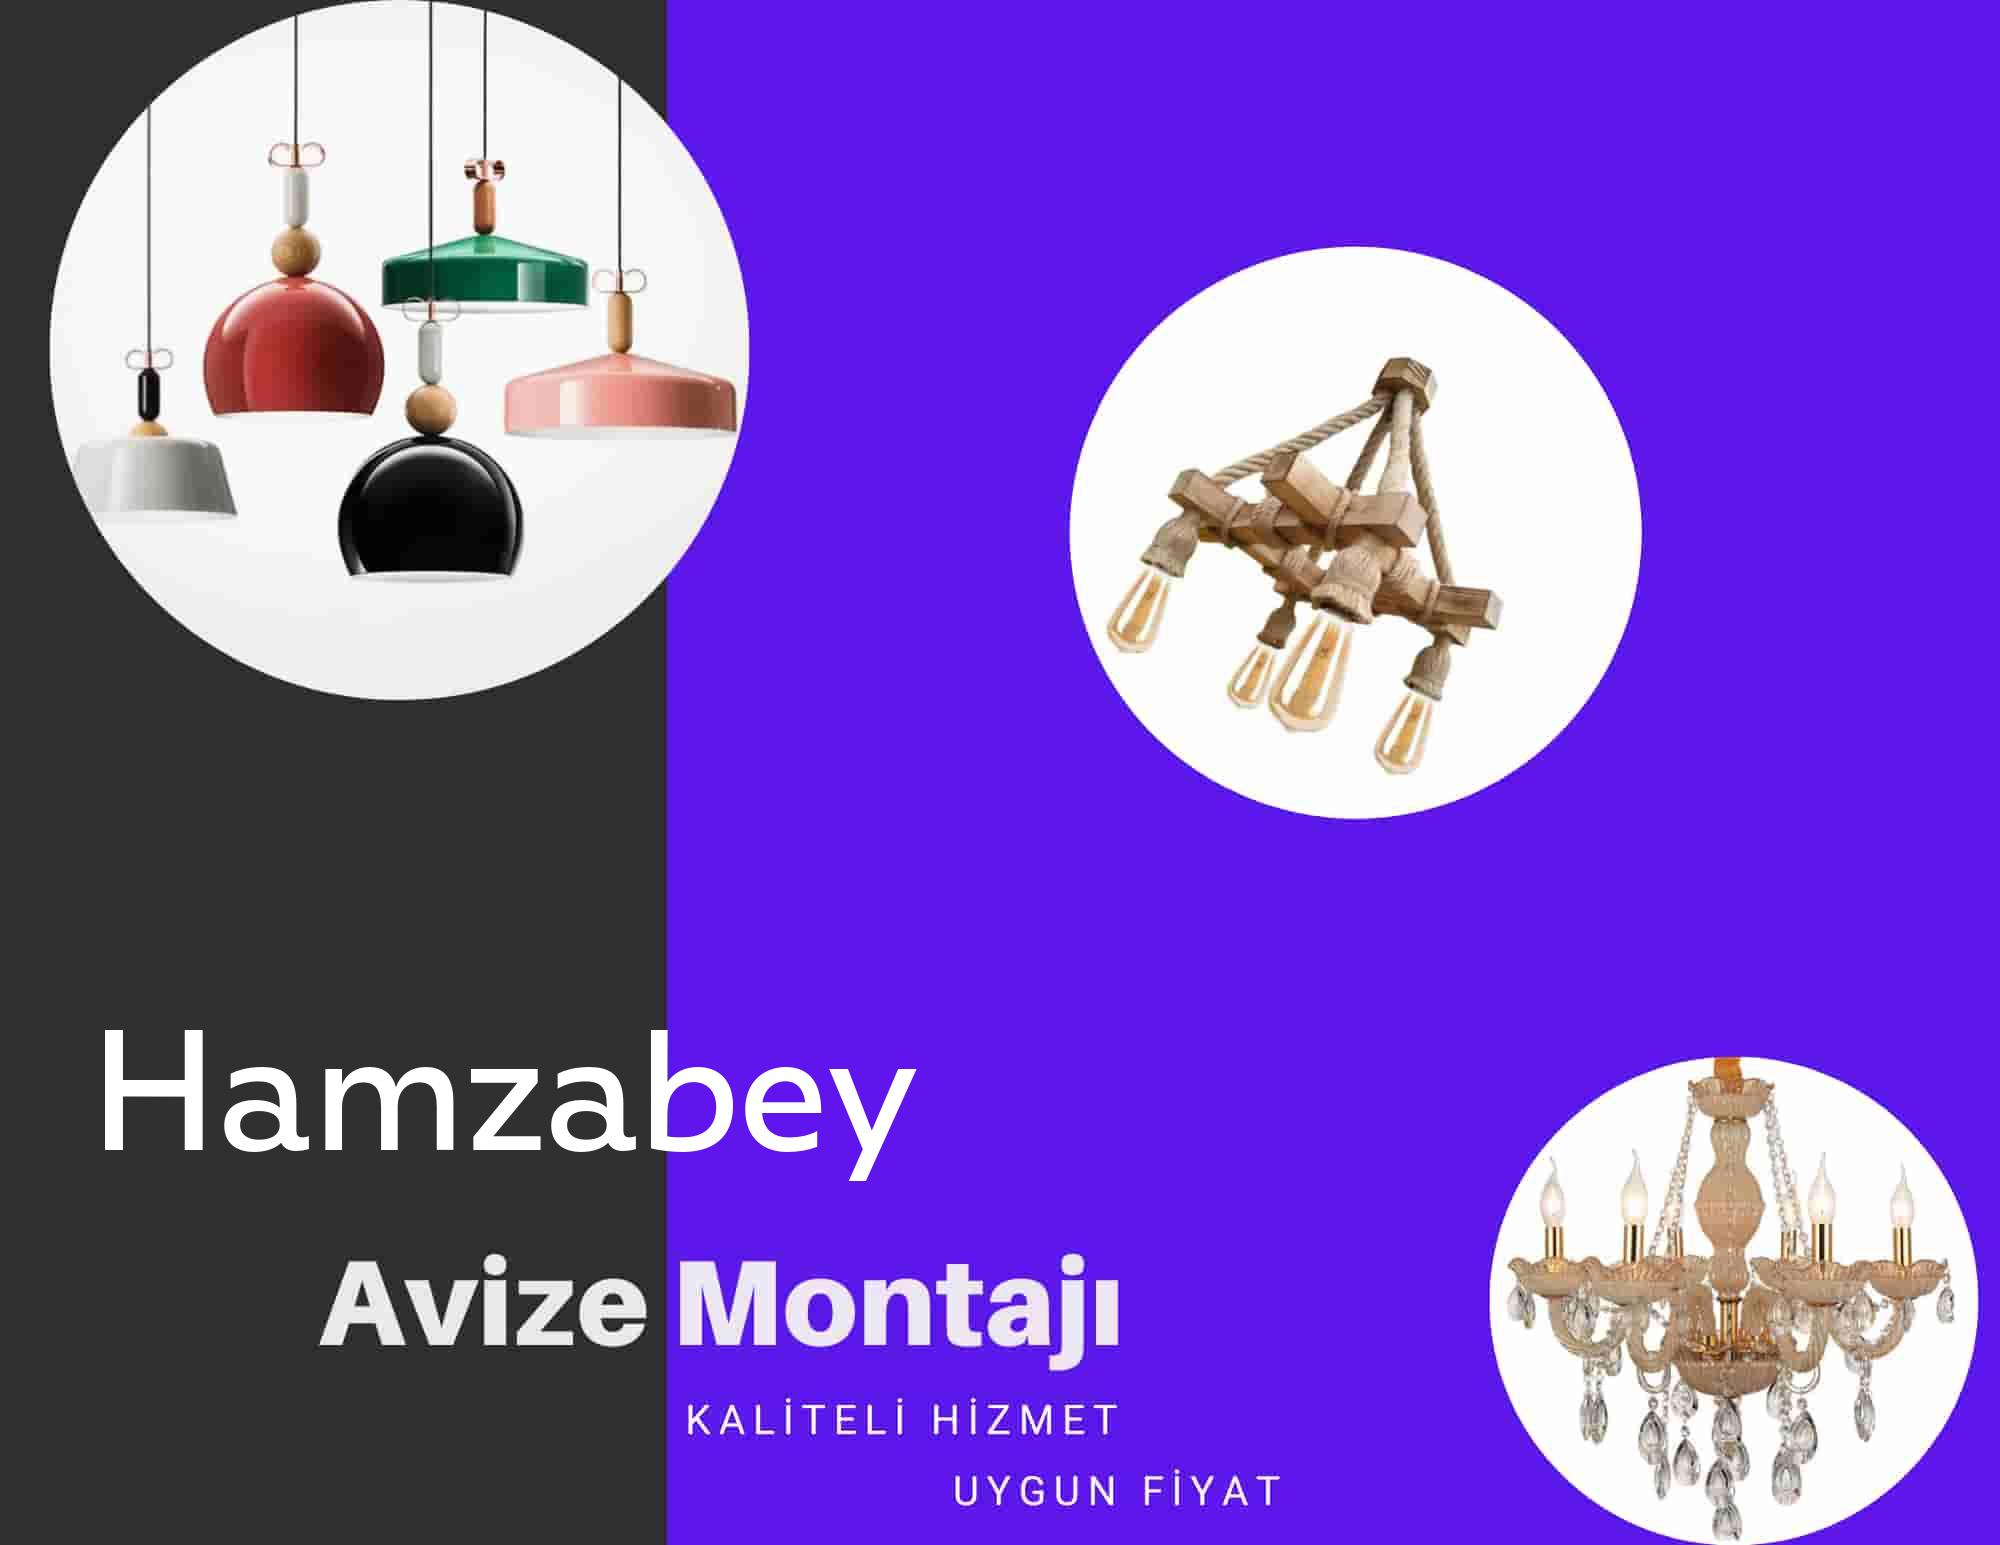 Hamzabey de avize montajı yapan yerler arıyorsanız elektrikcicagir anında size profesyonel avize montajı ustasını yönlendirir.